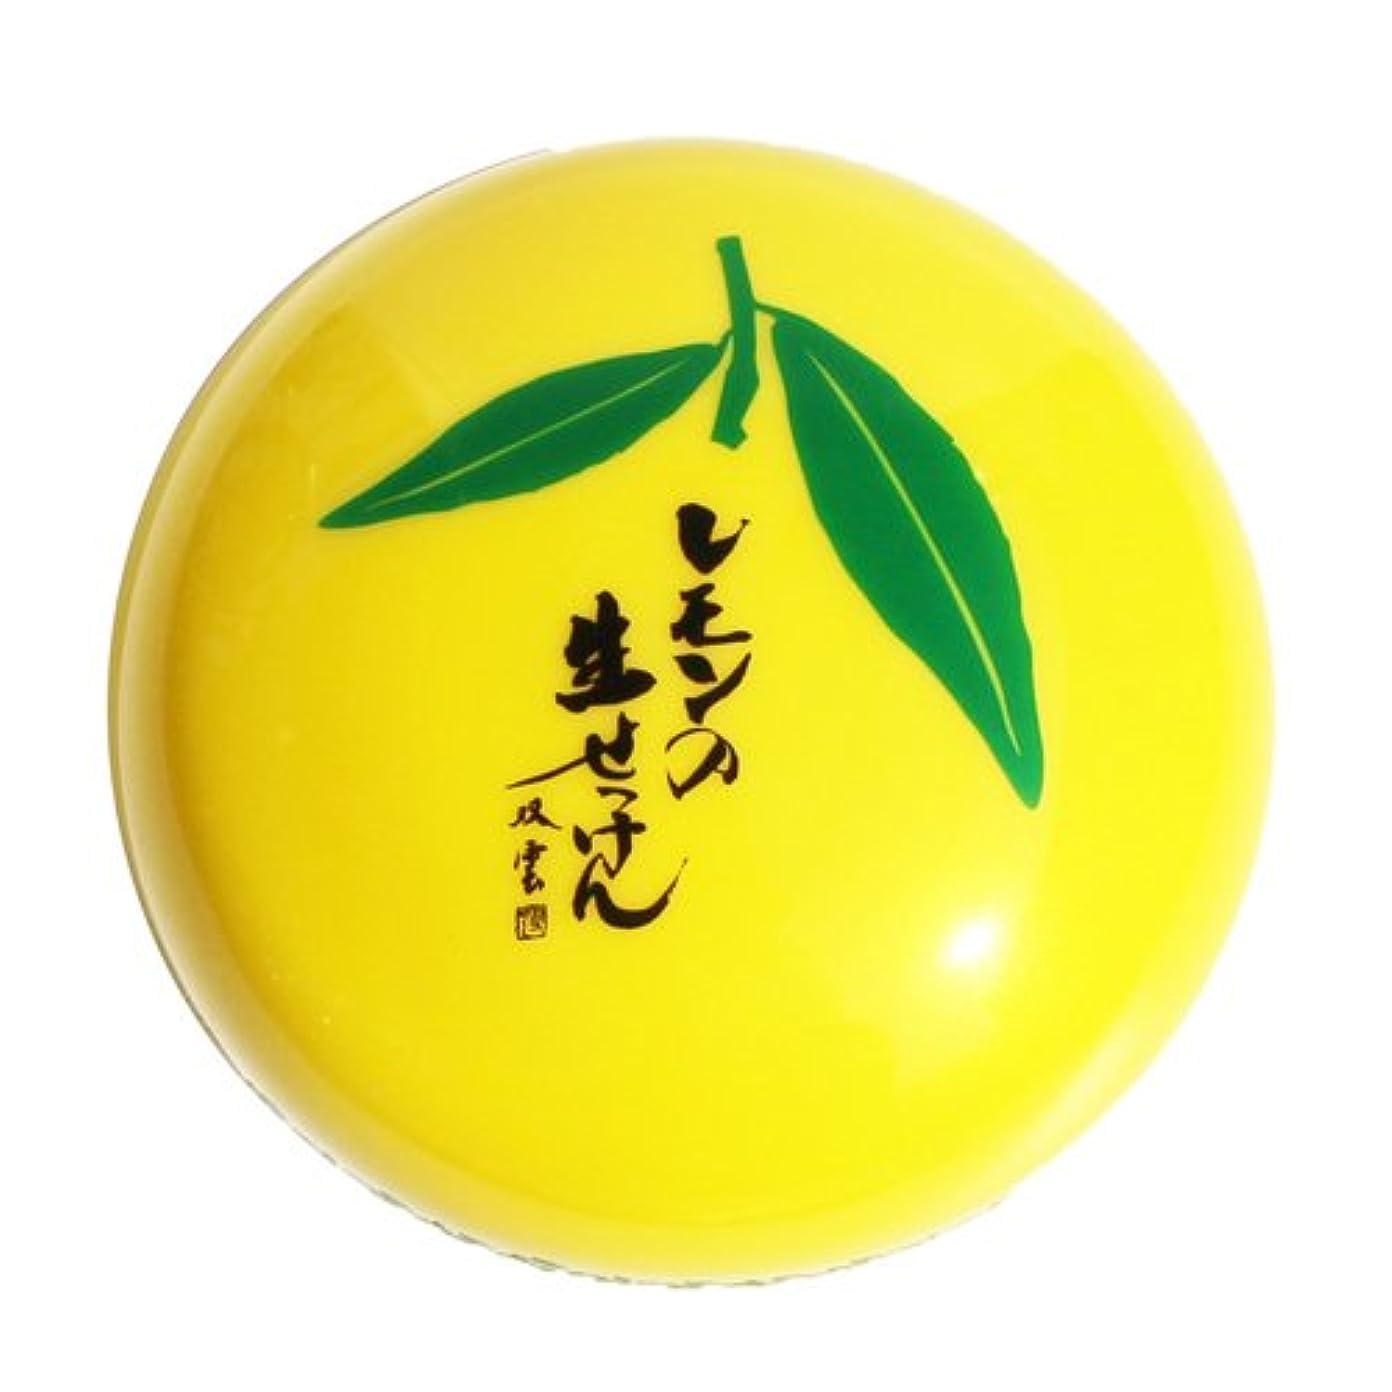 矢印エイズスポーツをする美香柑 レモンの生せっけん 120g